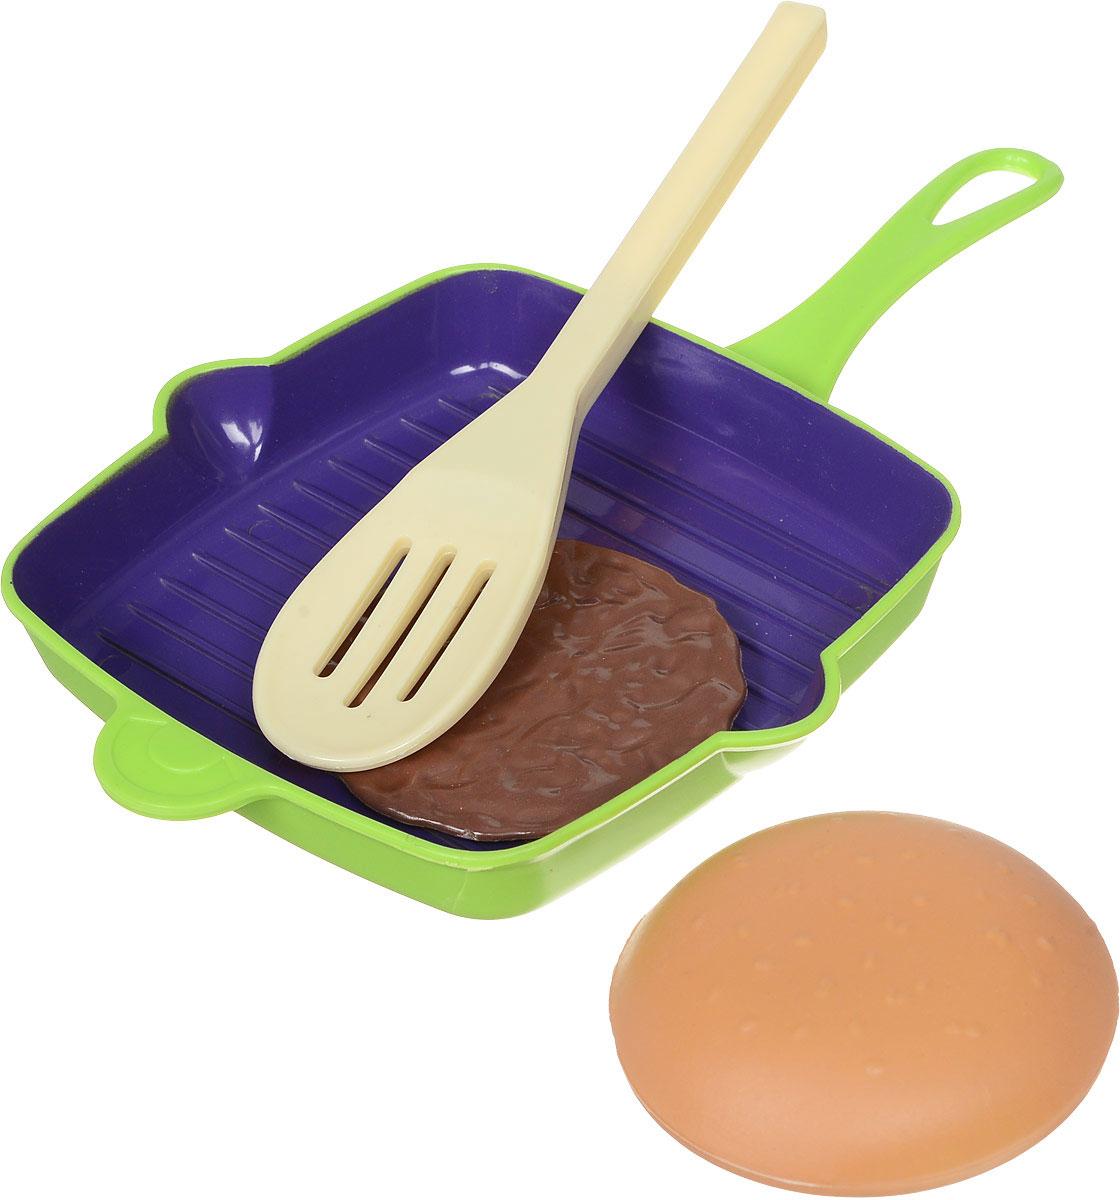 ABtoysИгровой набор Посуда и продукты 4 предмета ABtoys